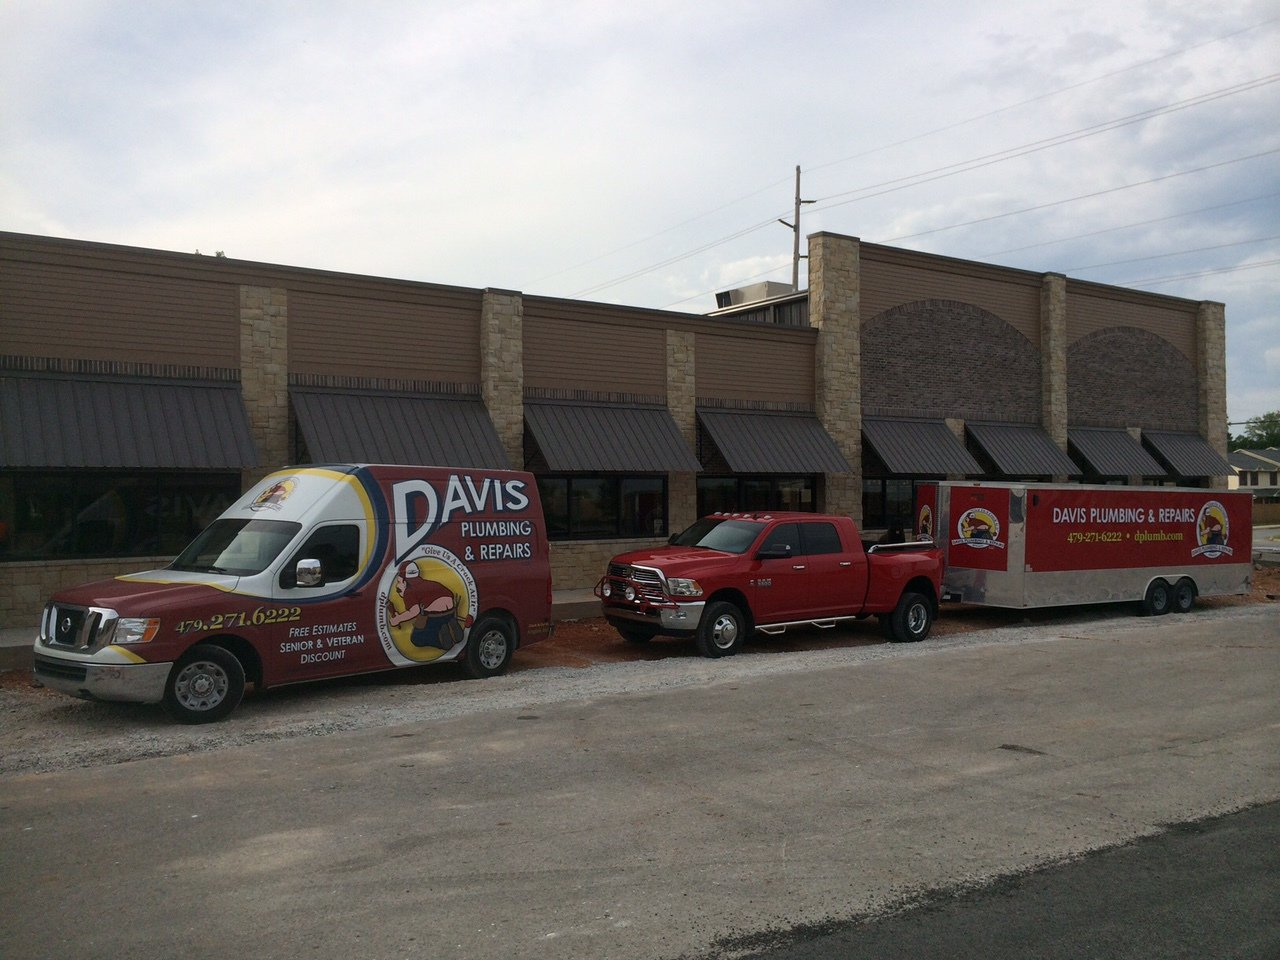 Davis Plumbing Fleet